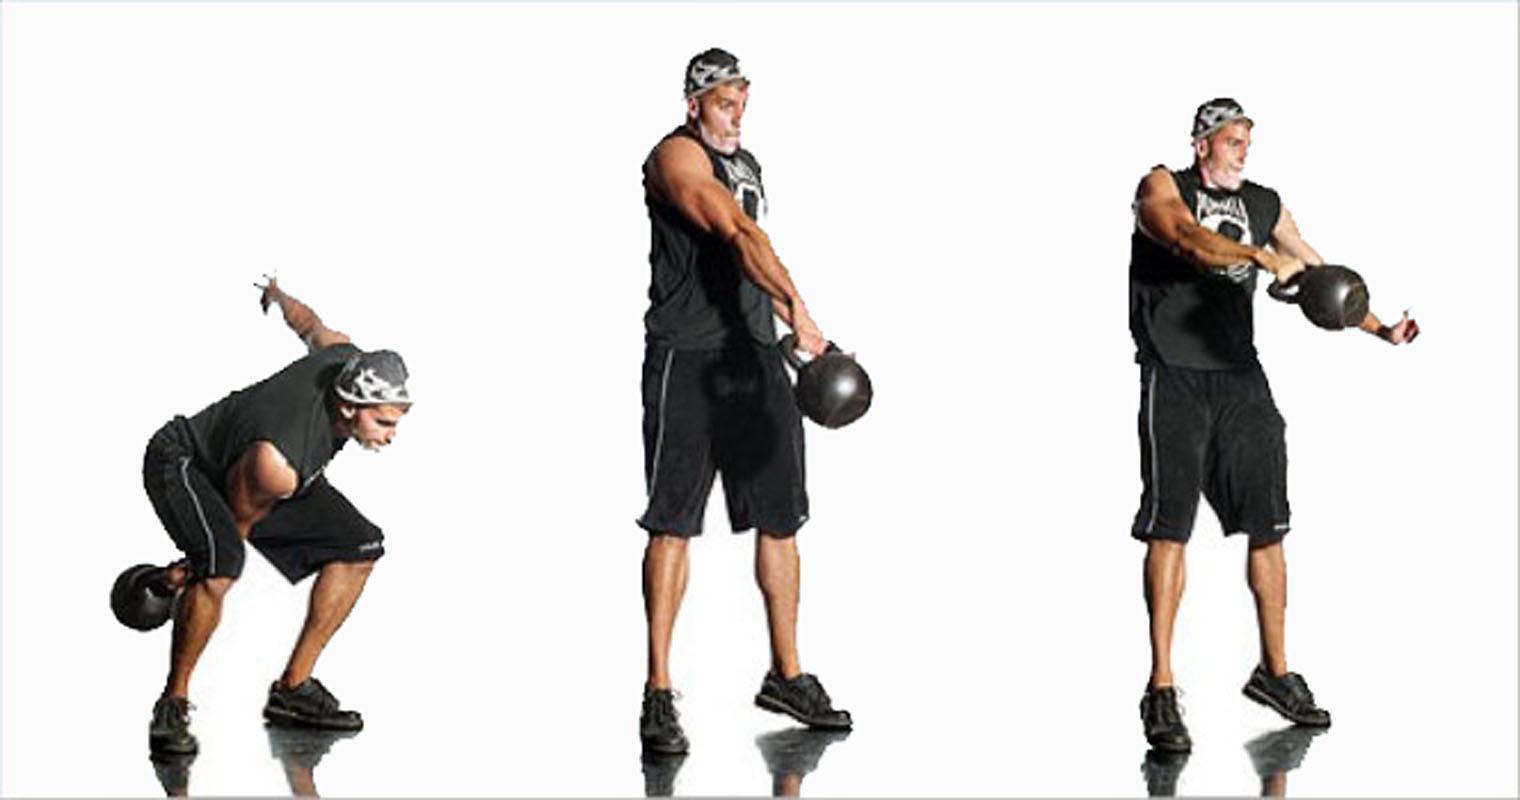 exsercise kettlebell 10 - Kettlebell 6kg (Lokal) Body Gym - ASSKT17A